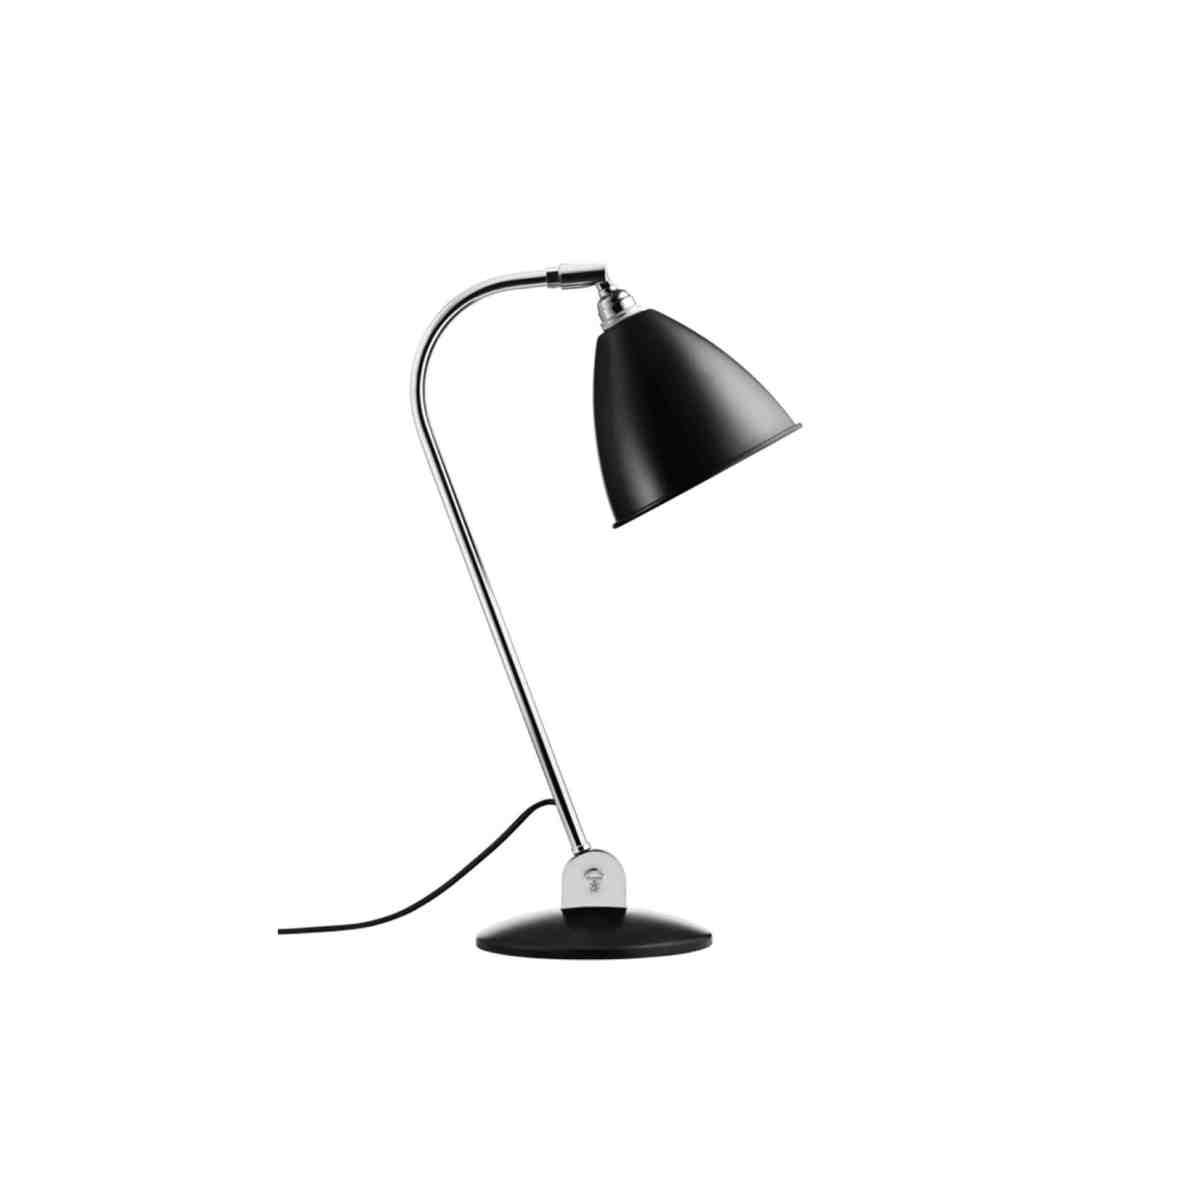 gubi-bestlite-bl2-table-lamp-black-chrome-001